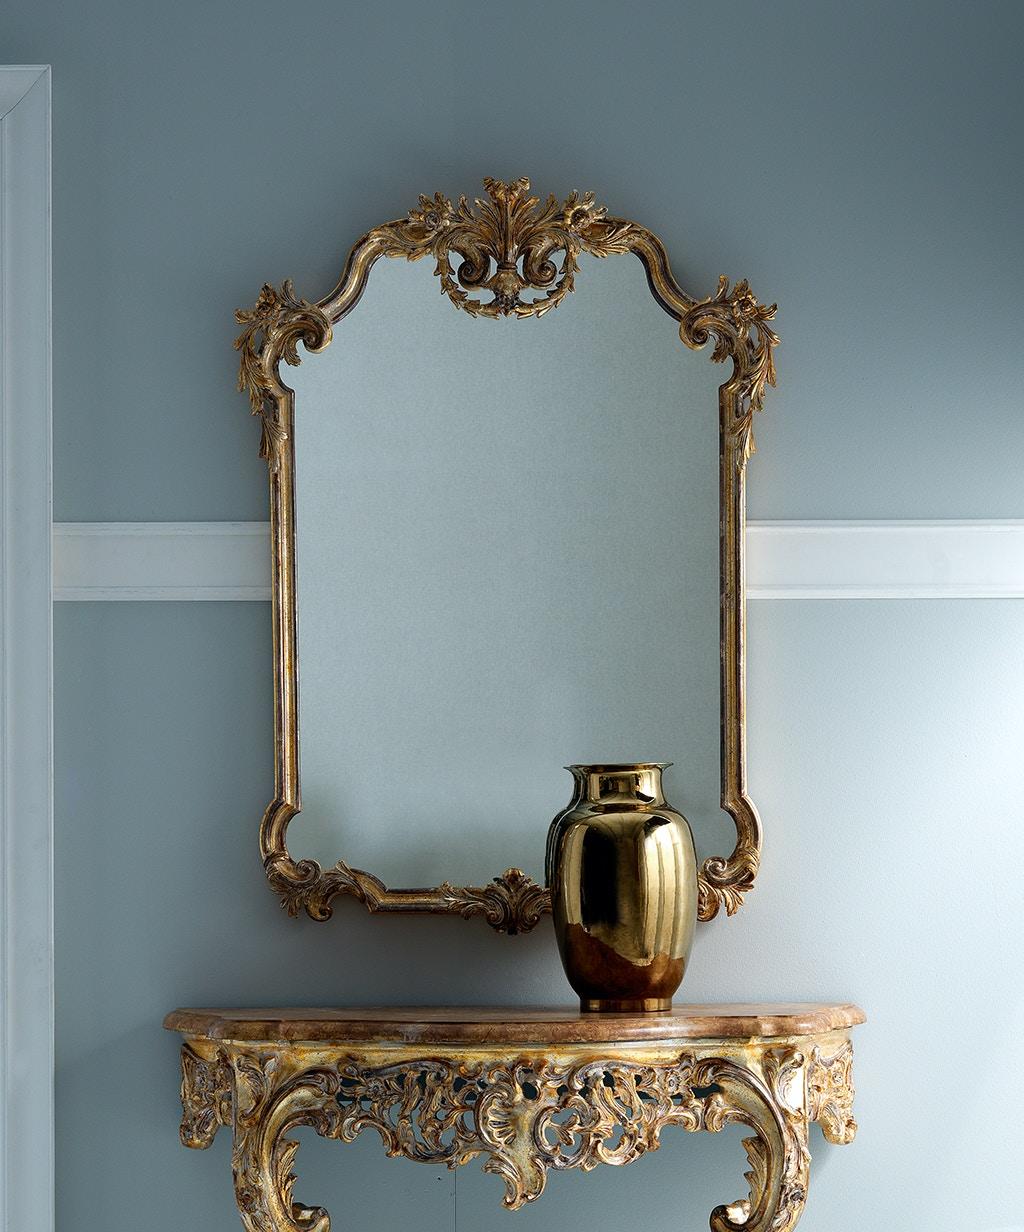 Von Hemert Interiors Italian Imports Mfr: XI21 Mirror #3675